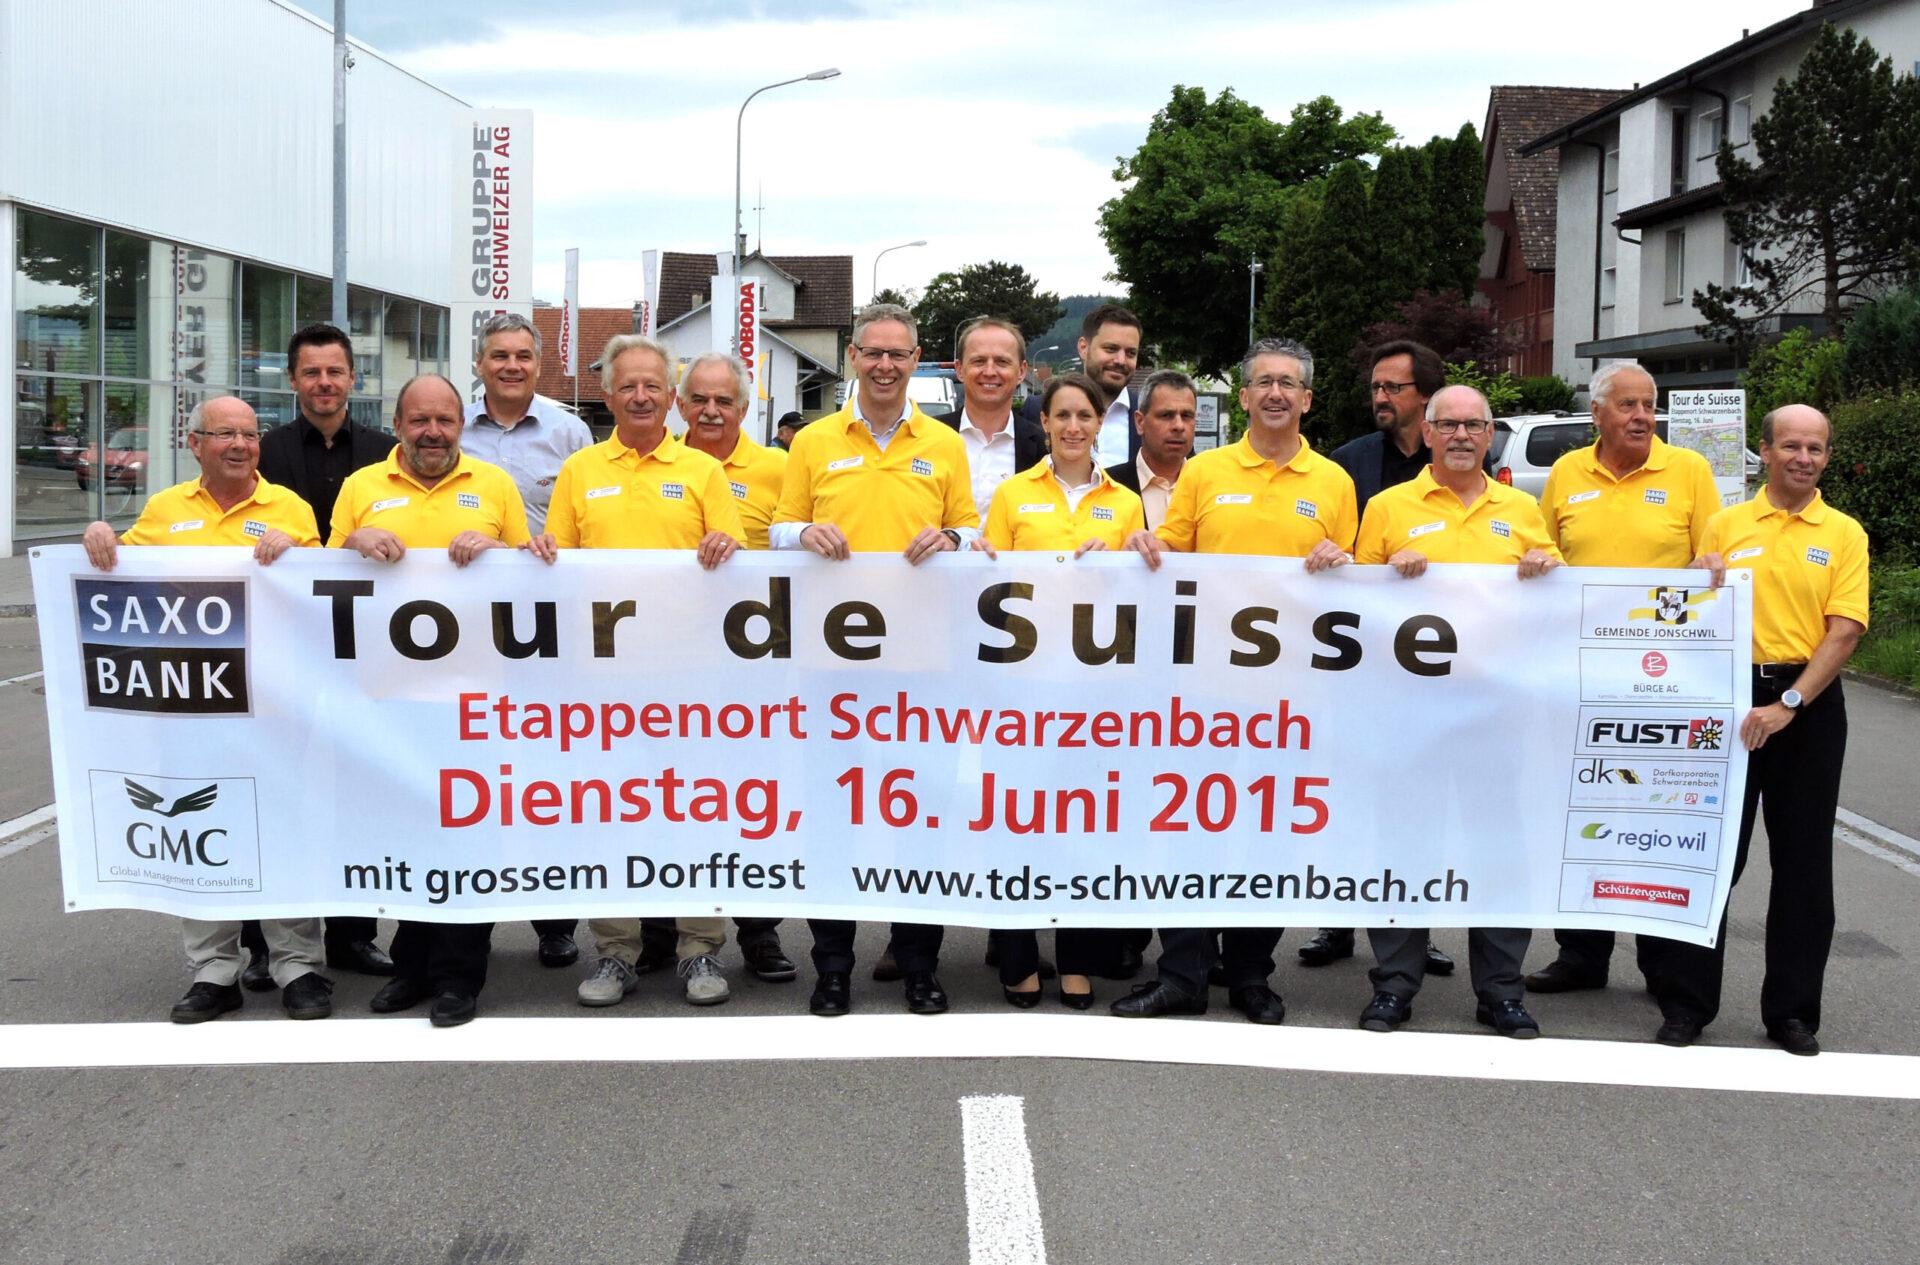 tour de suisse scaled